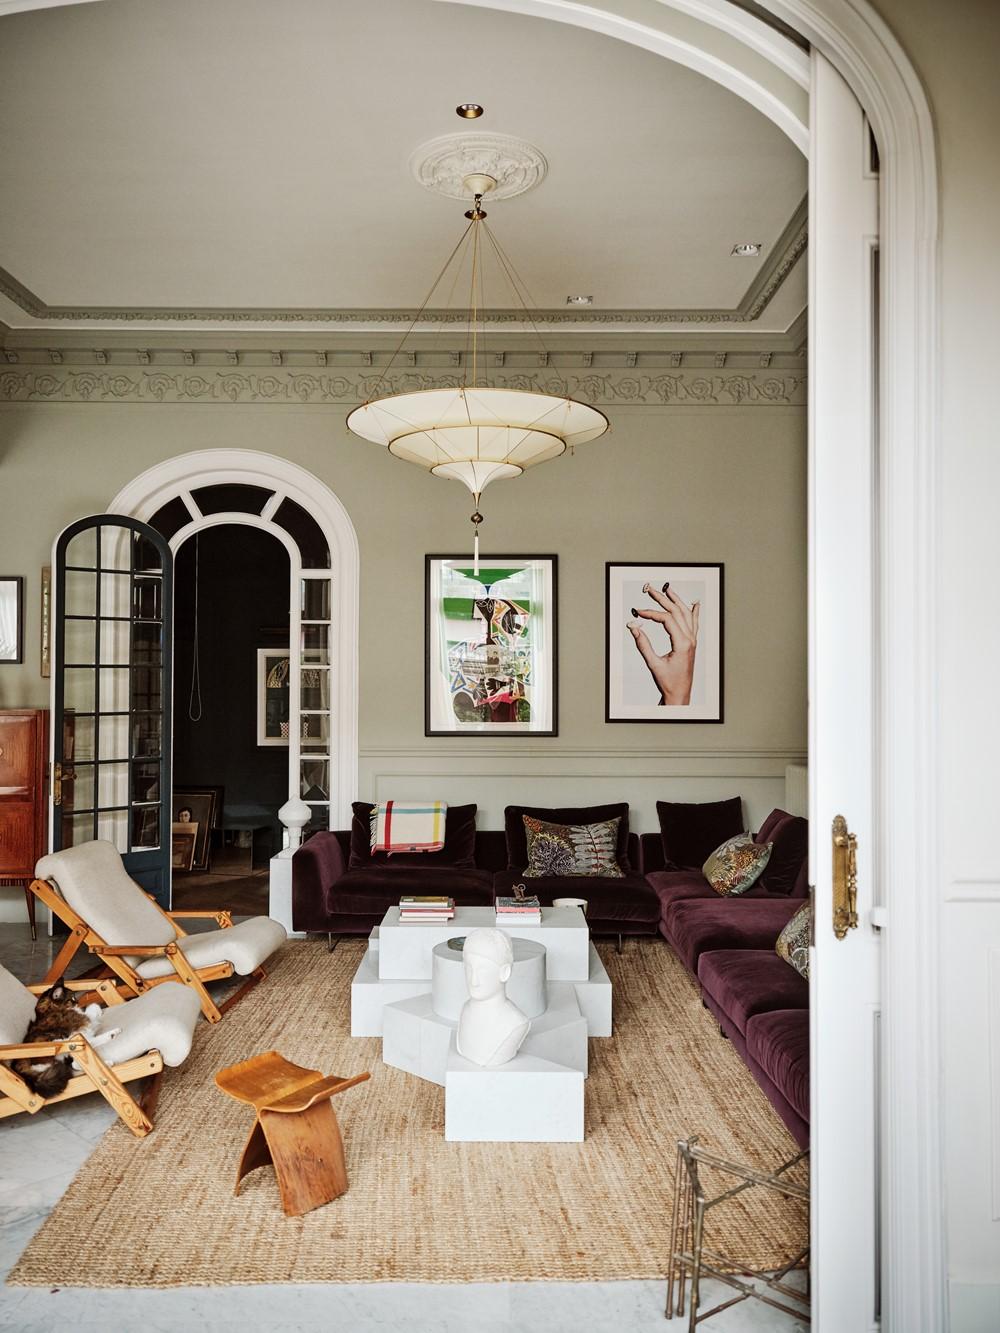 Private Residence I by Cristina Carulla Studio